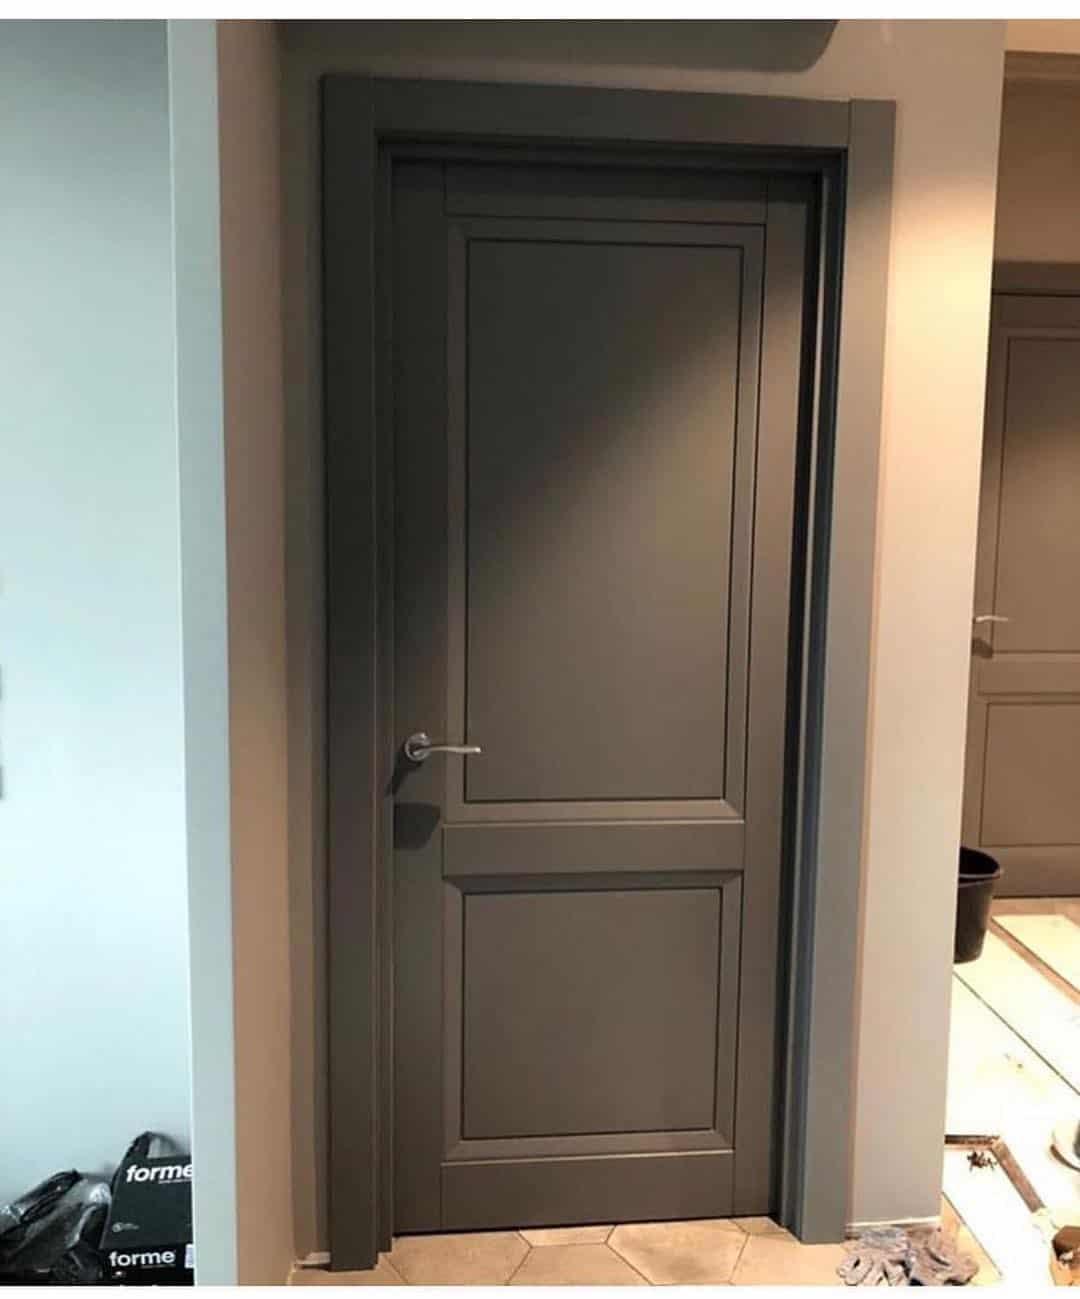 Фото межкомнатных дверей: варианты и преимущества применения современных дверей